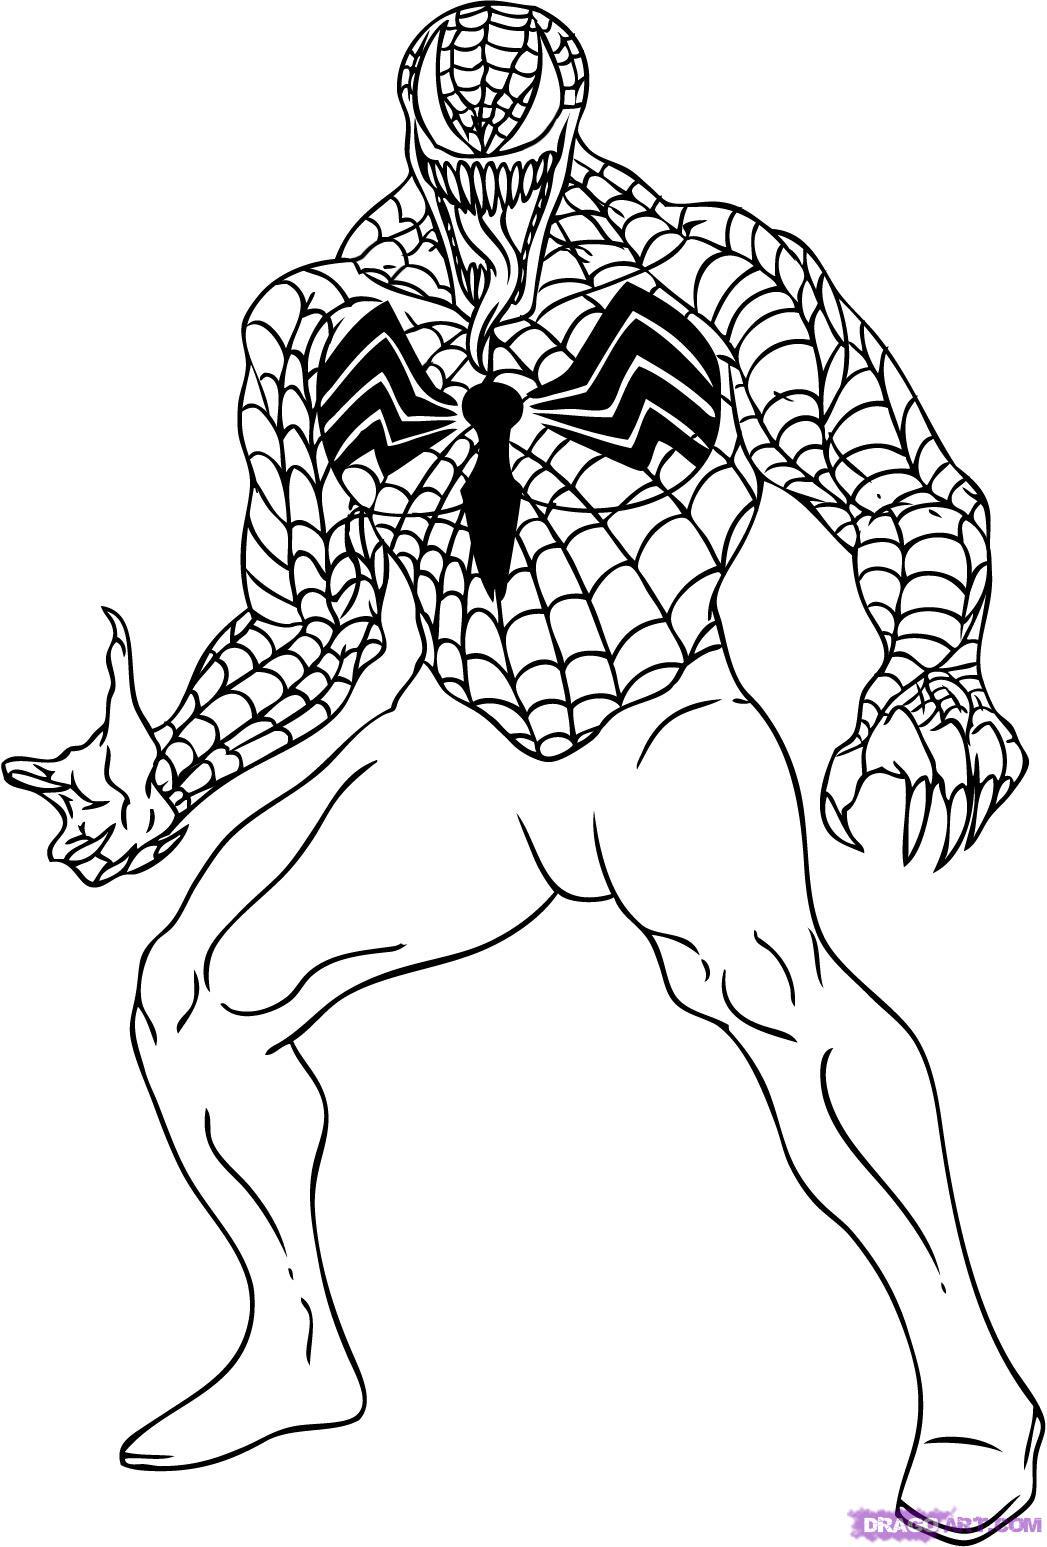 1047x1547 Venom Coloring Pages Coloring Pages Venom